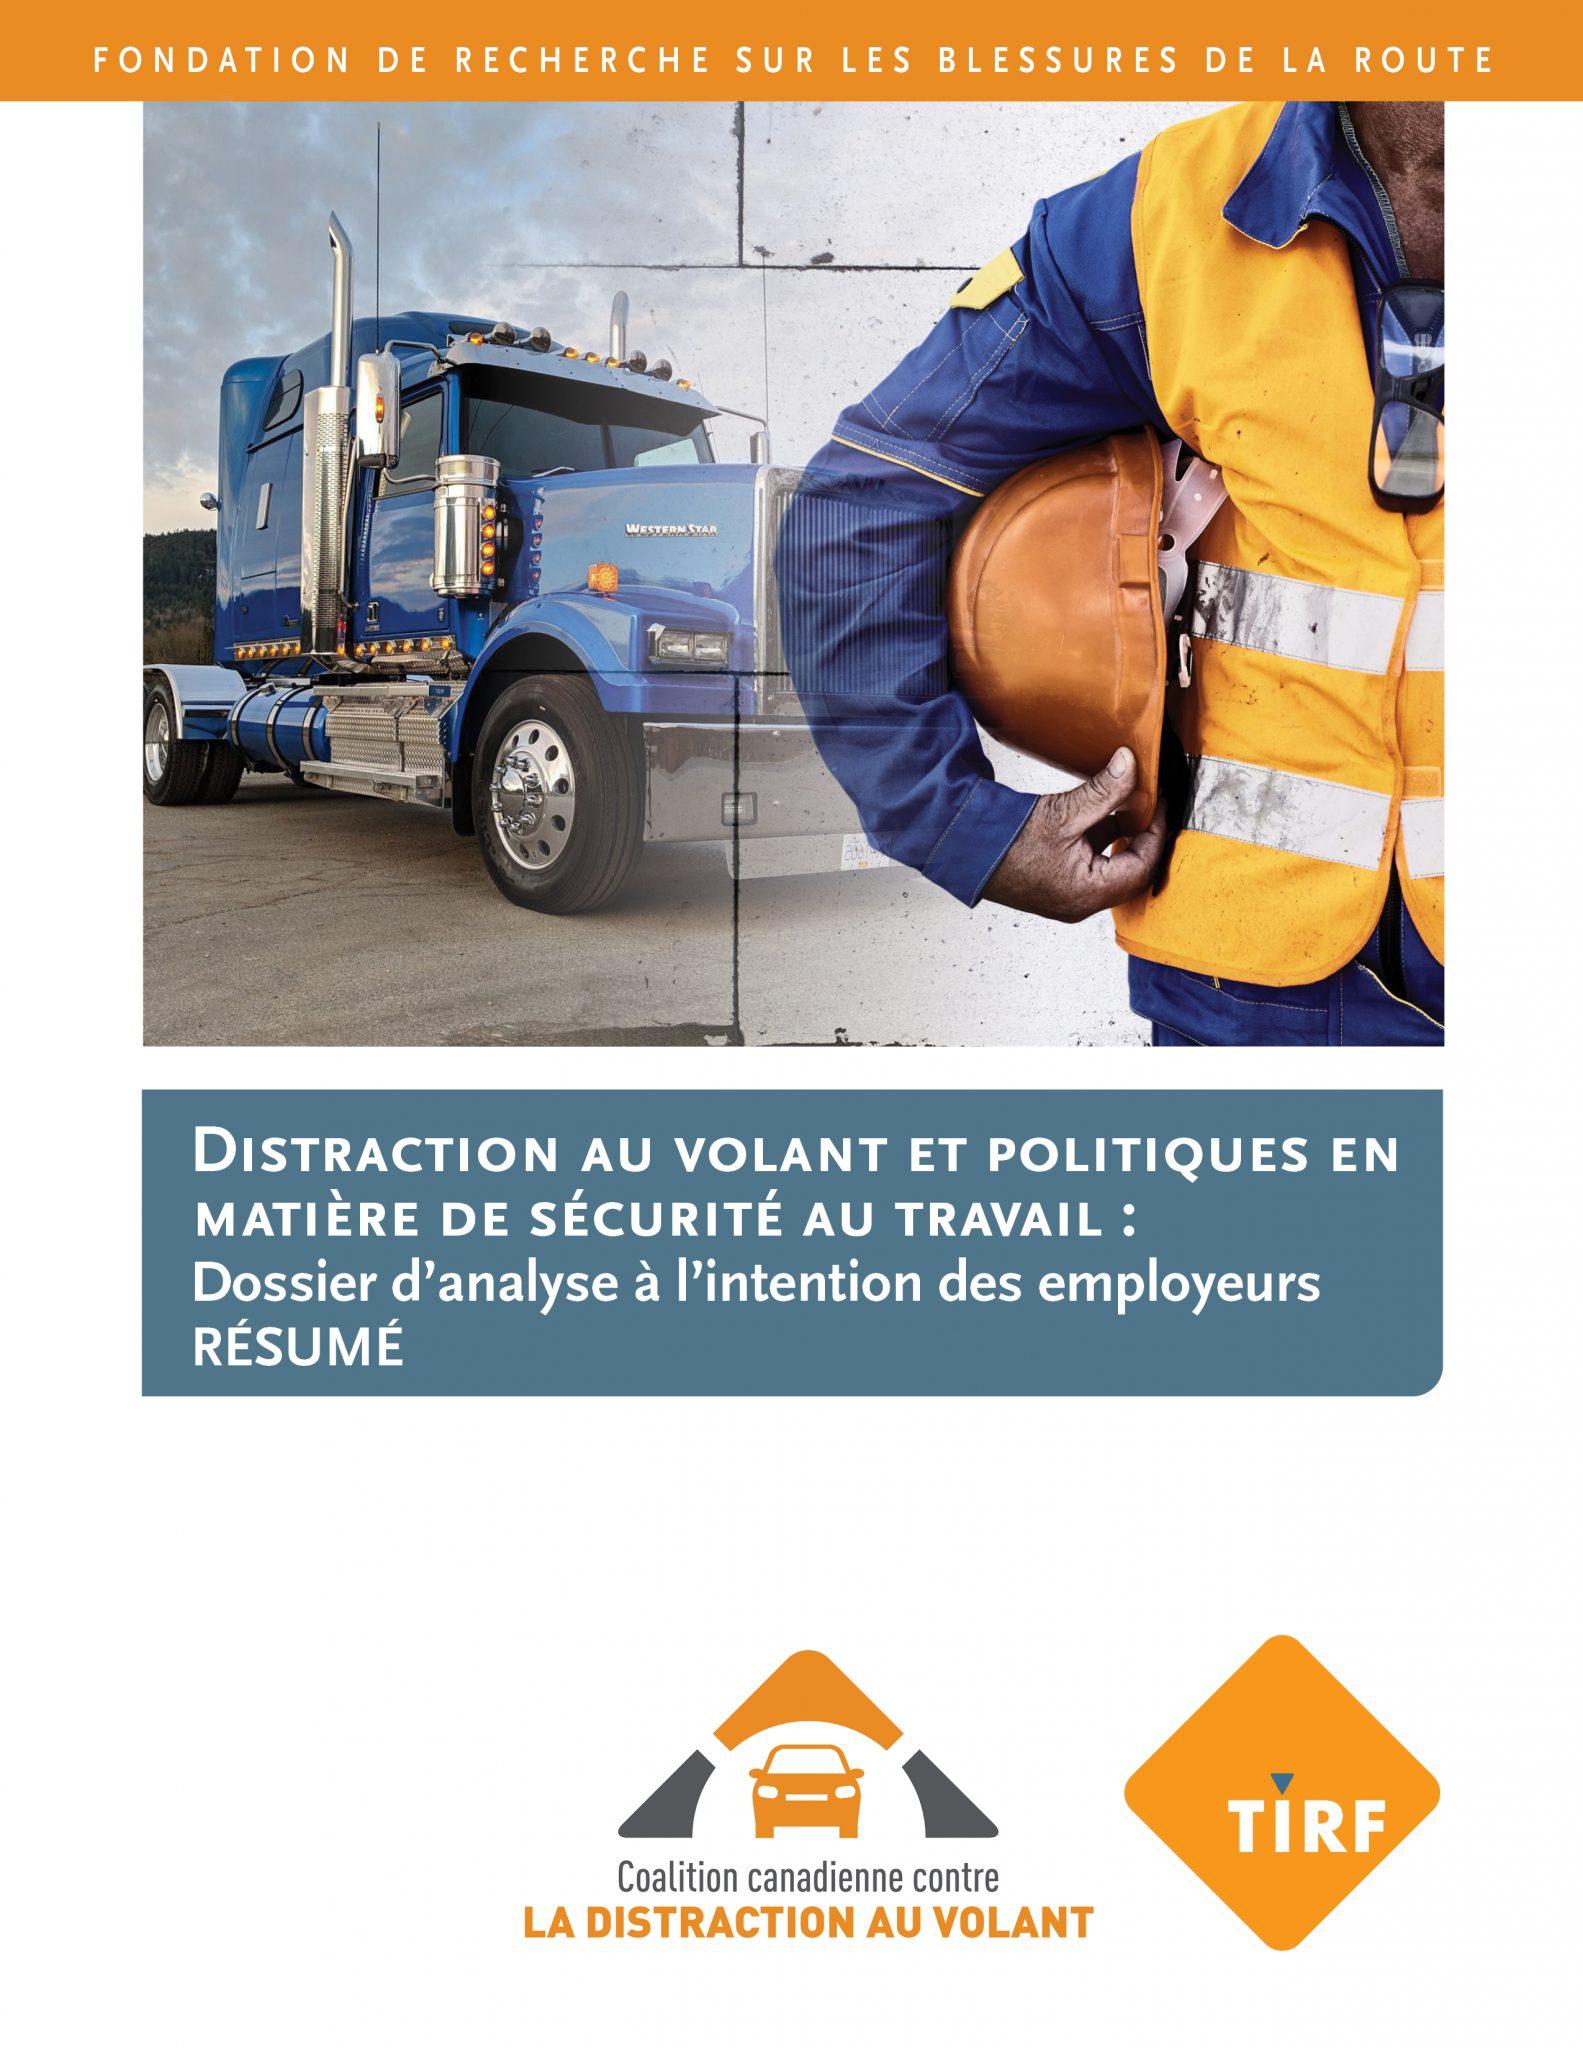 Distraction au volant politiques en matière de sécurité au travail : Dossier d'analyse à l'intention des employeurs – Résumé